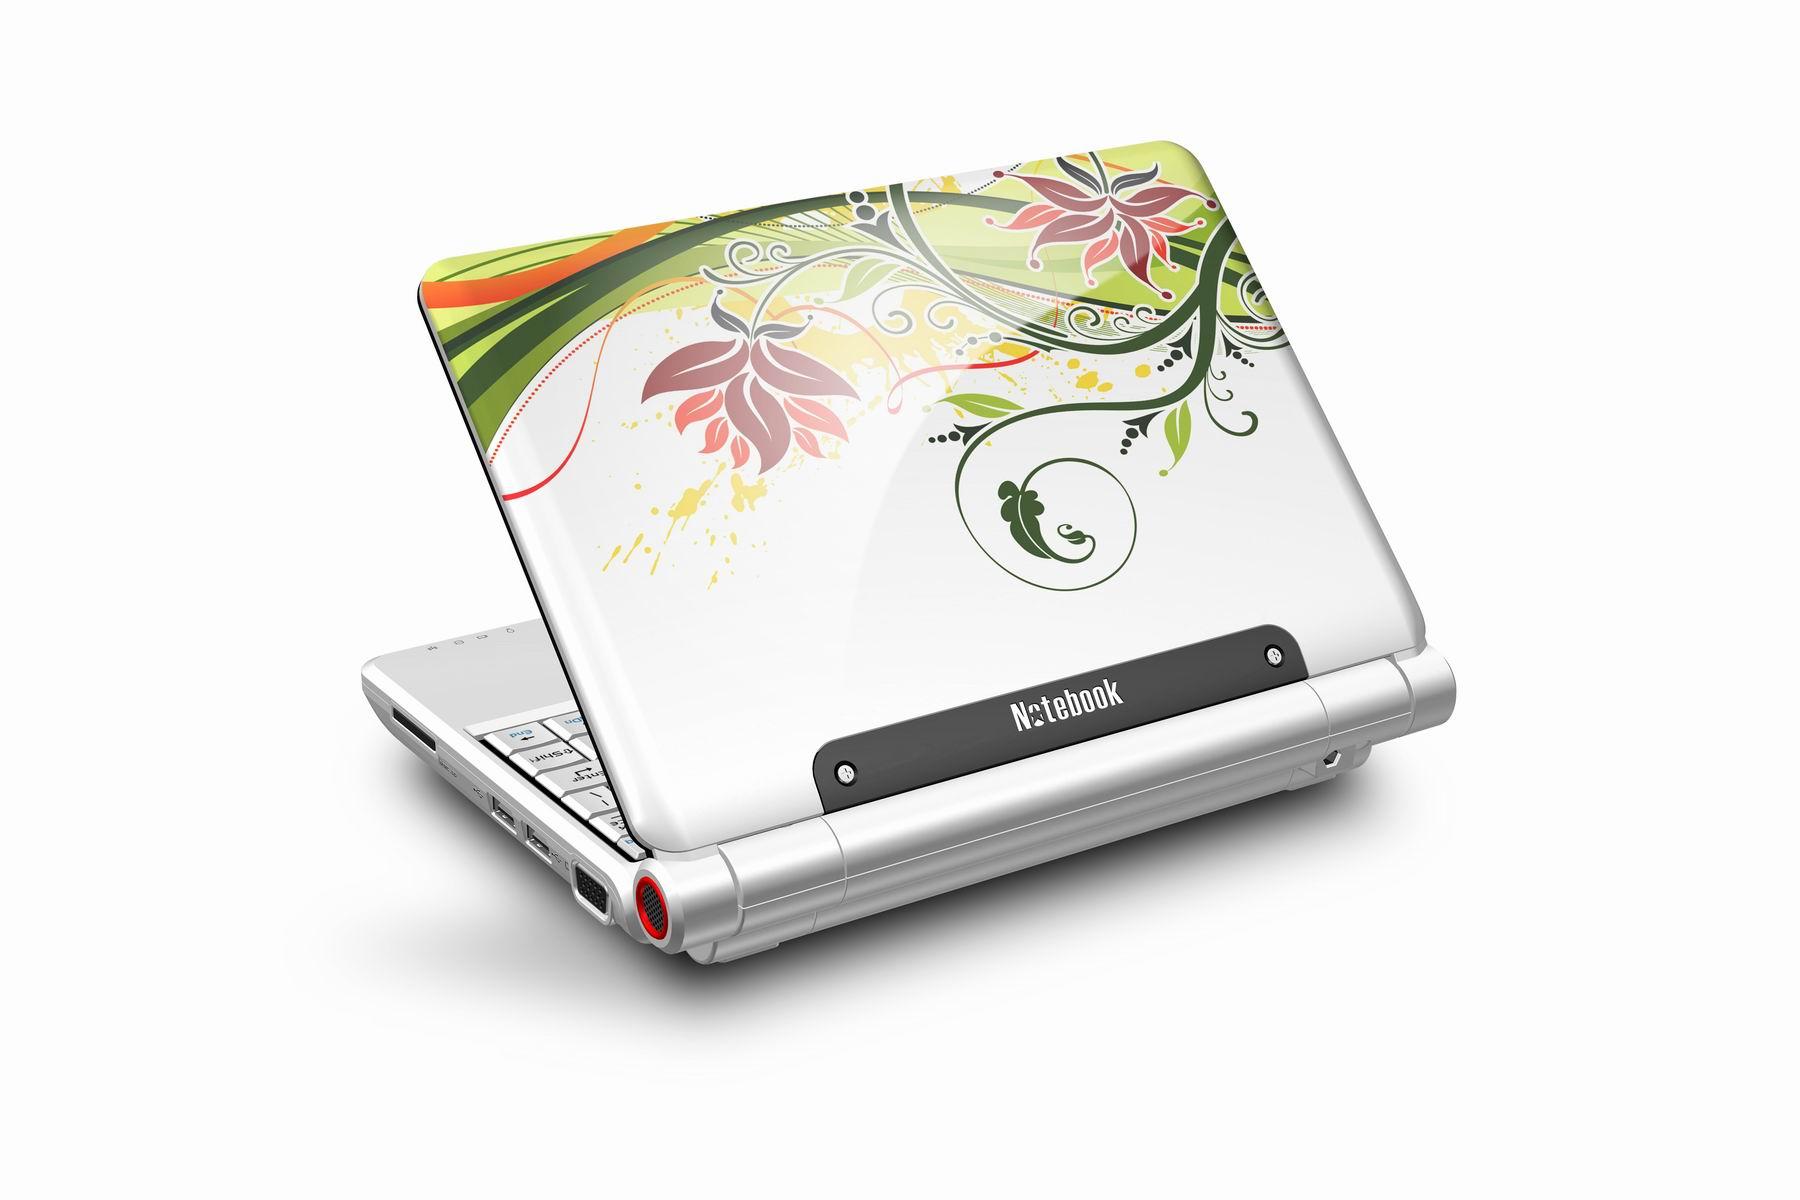 笔记本电脑外观设计报价